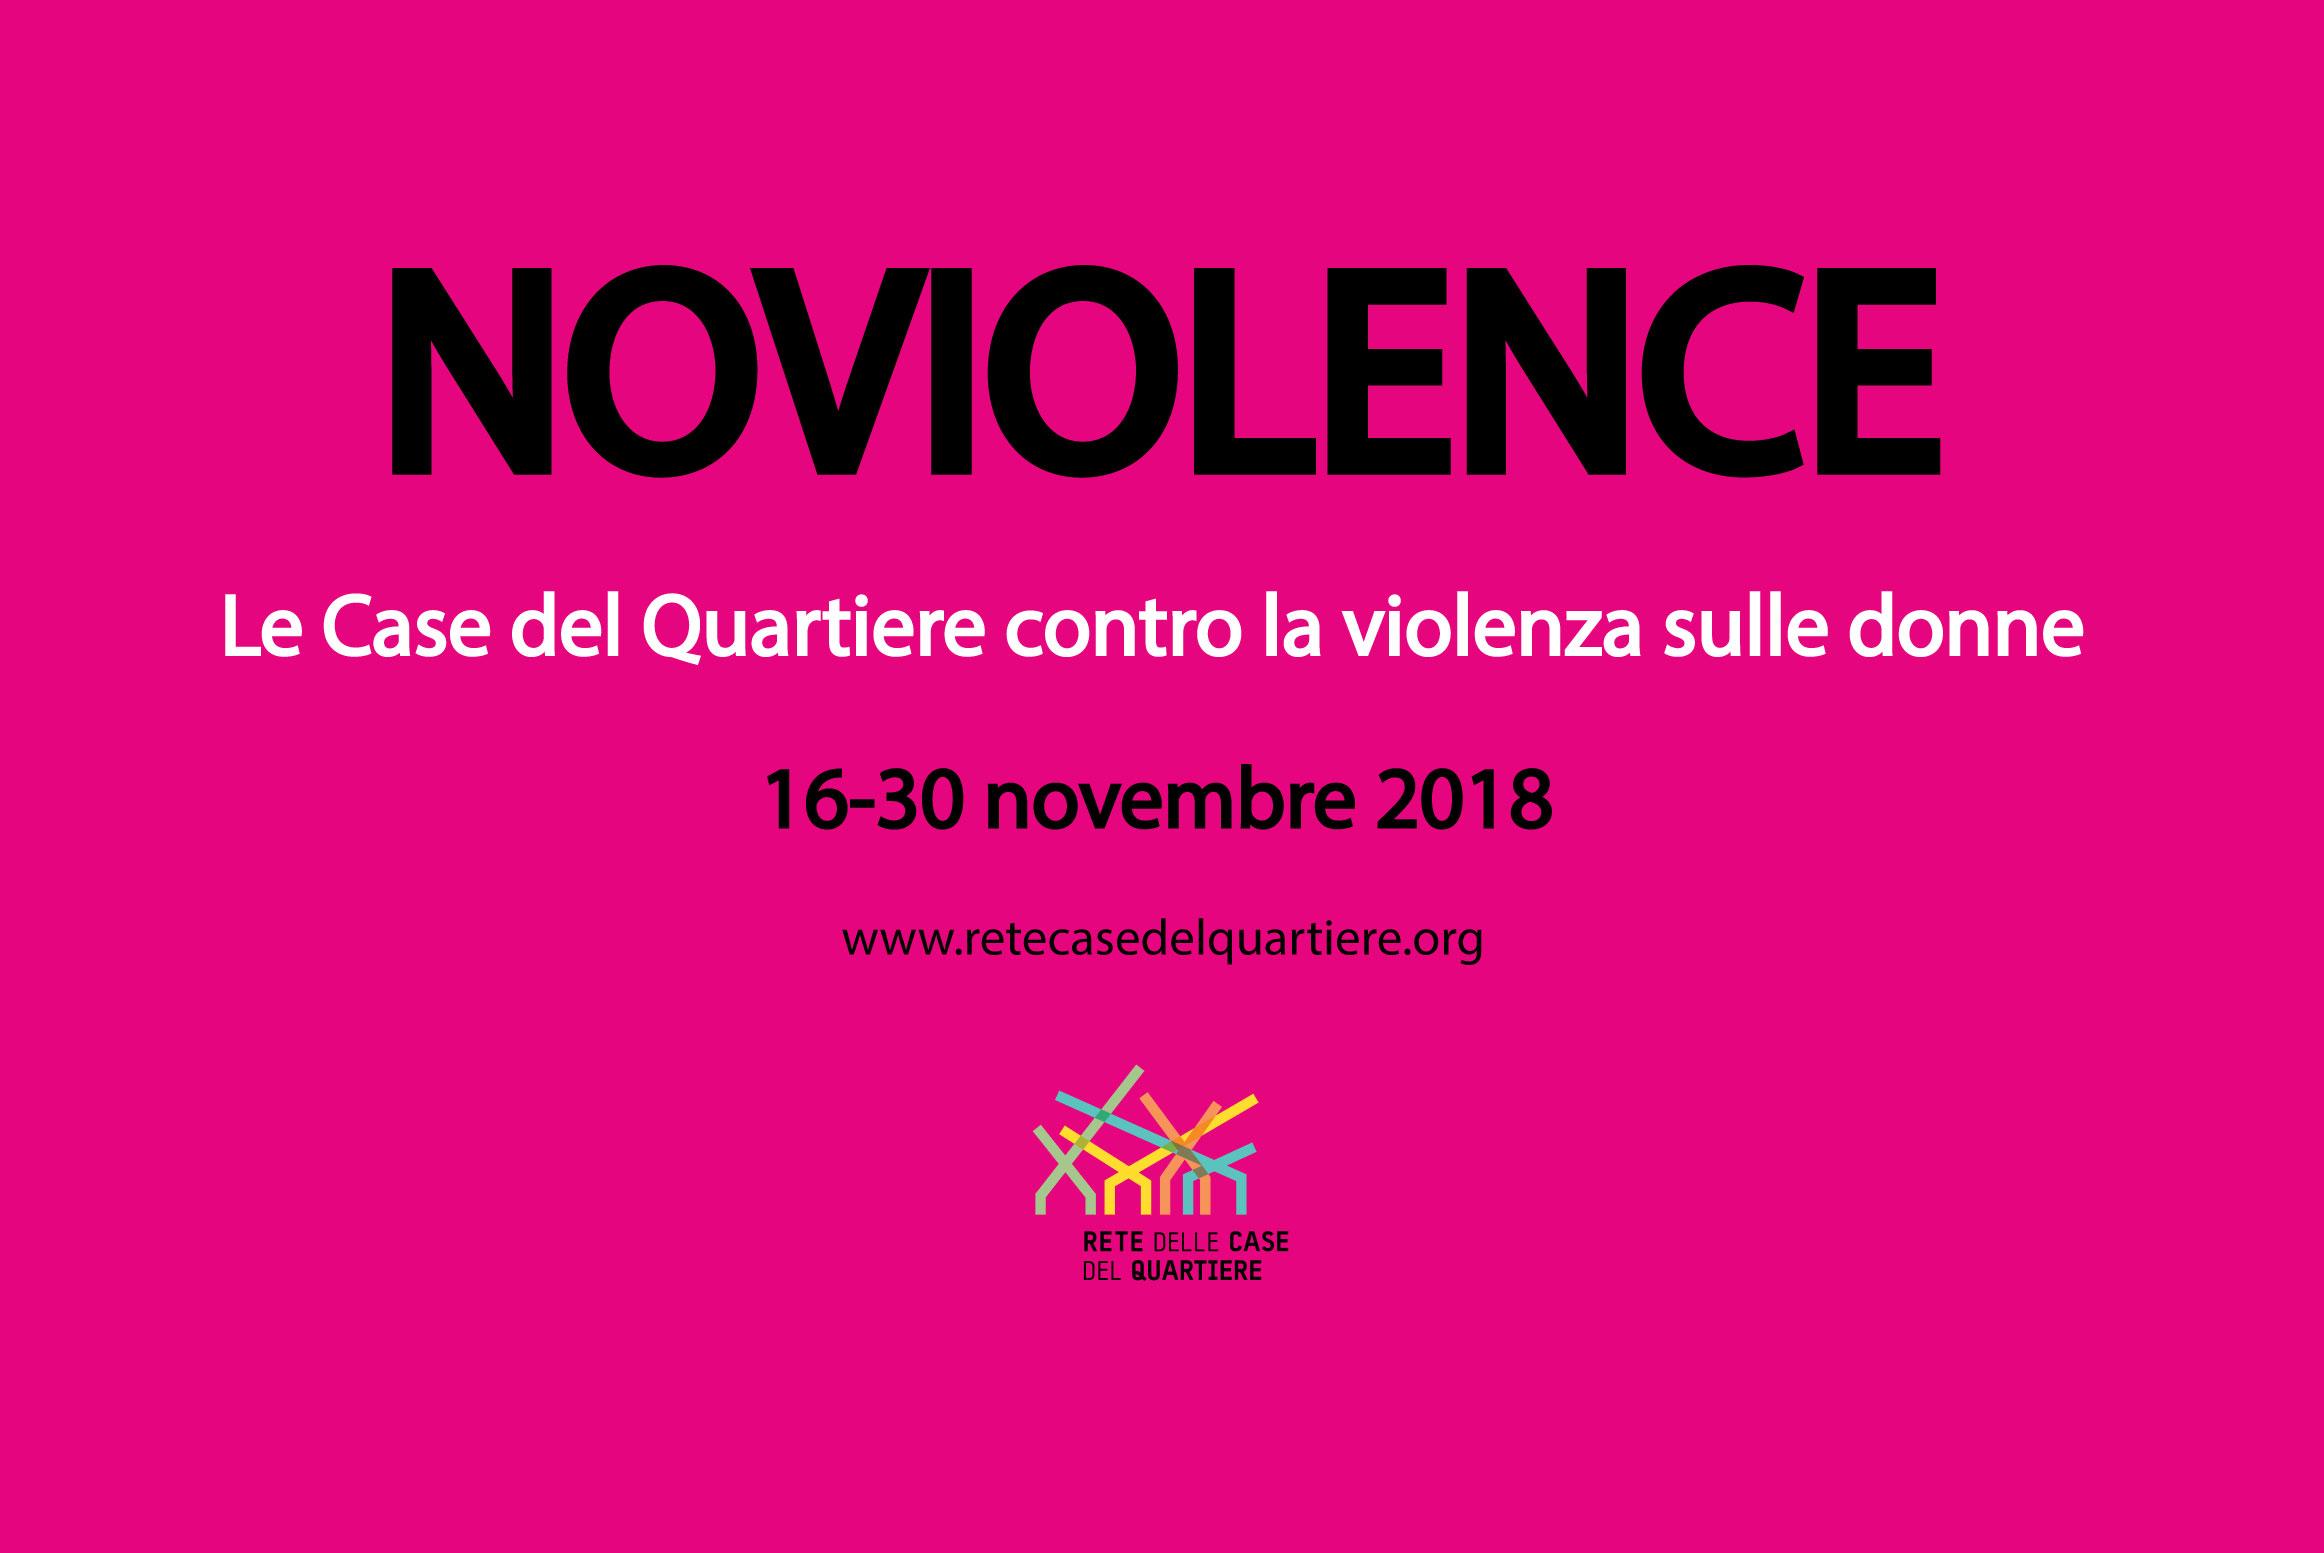 NOVIOLENCE-Le Case del Quartiere contro la violenza sulle donne